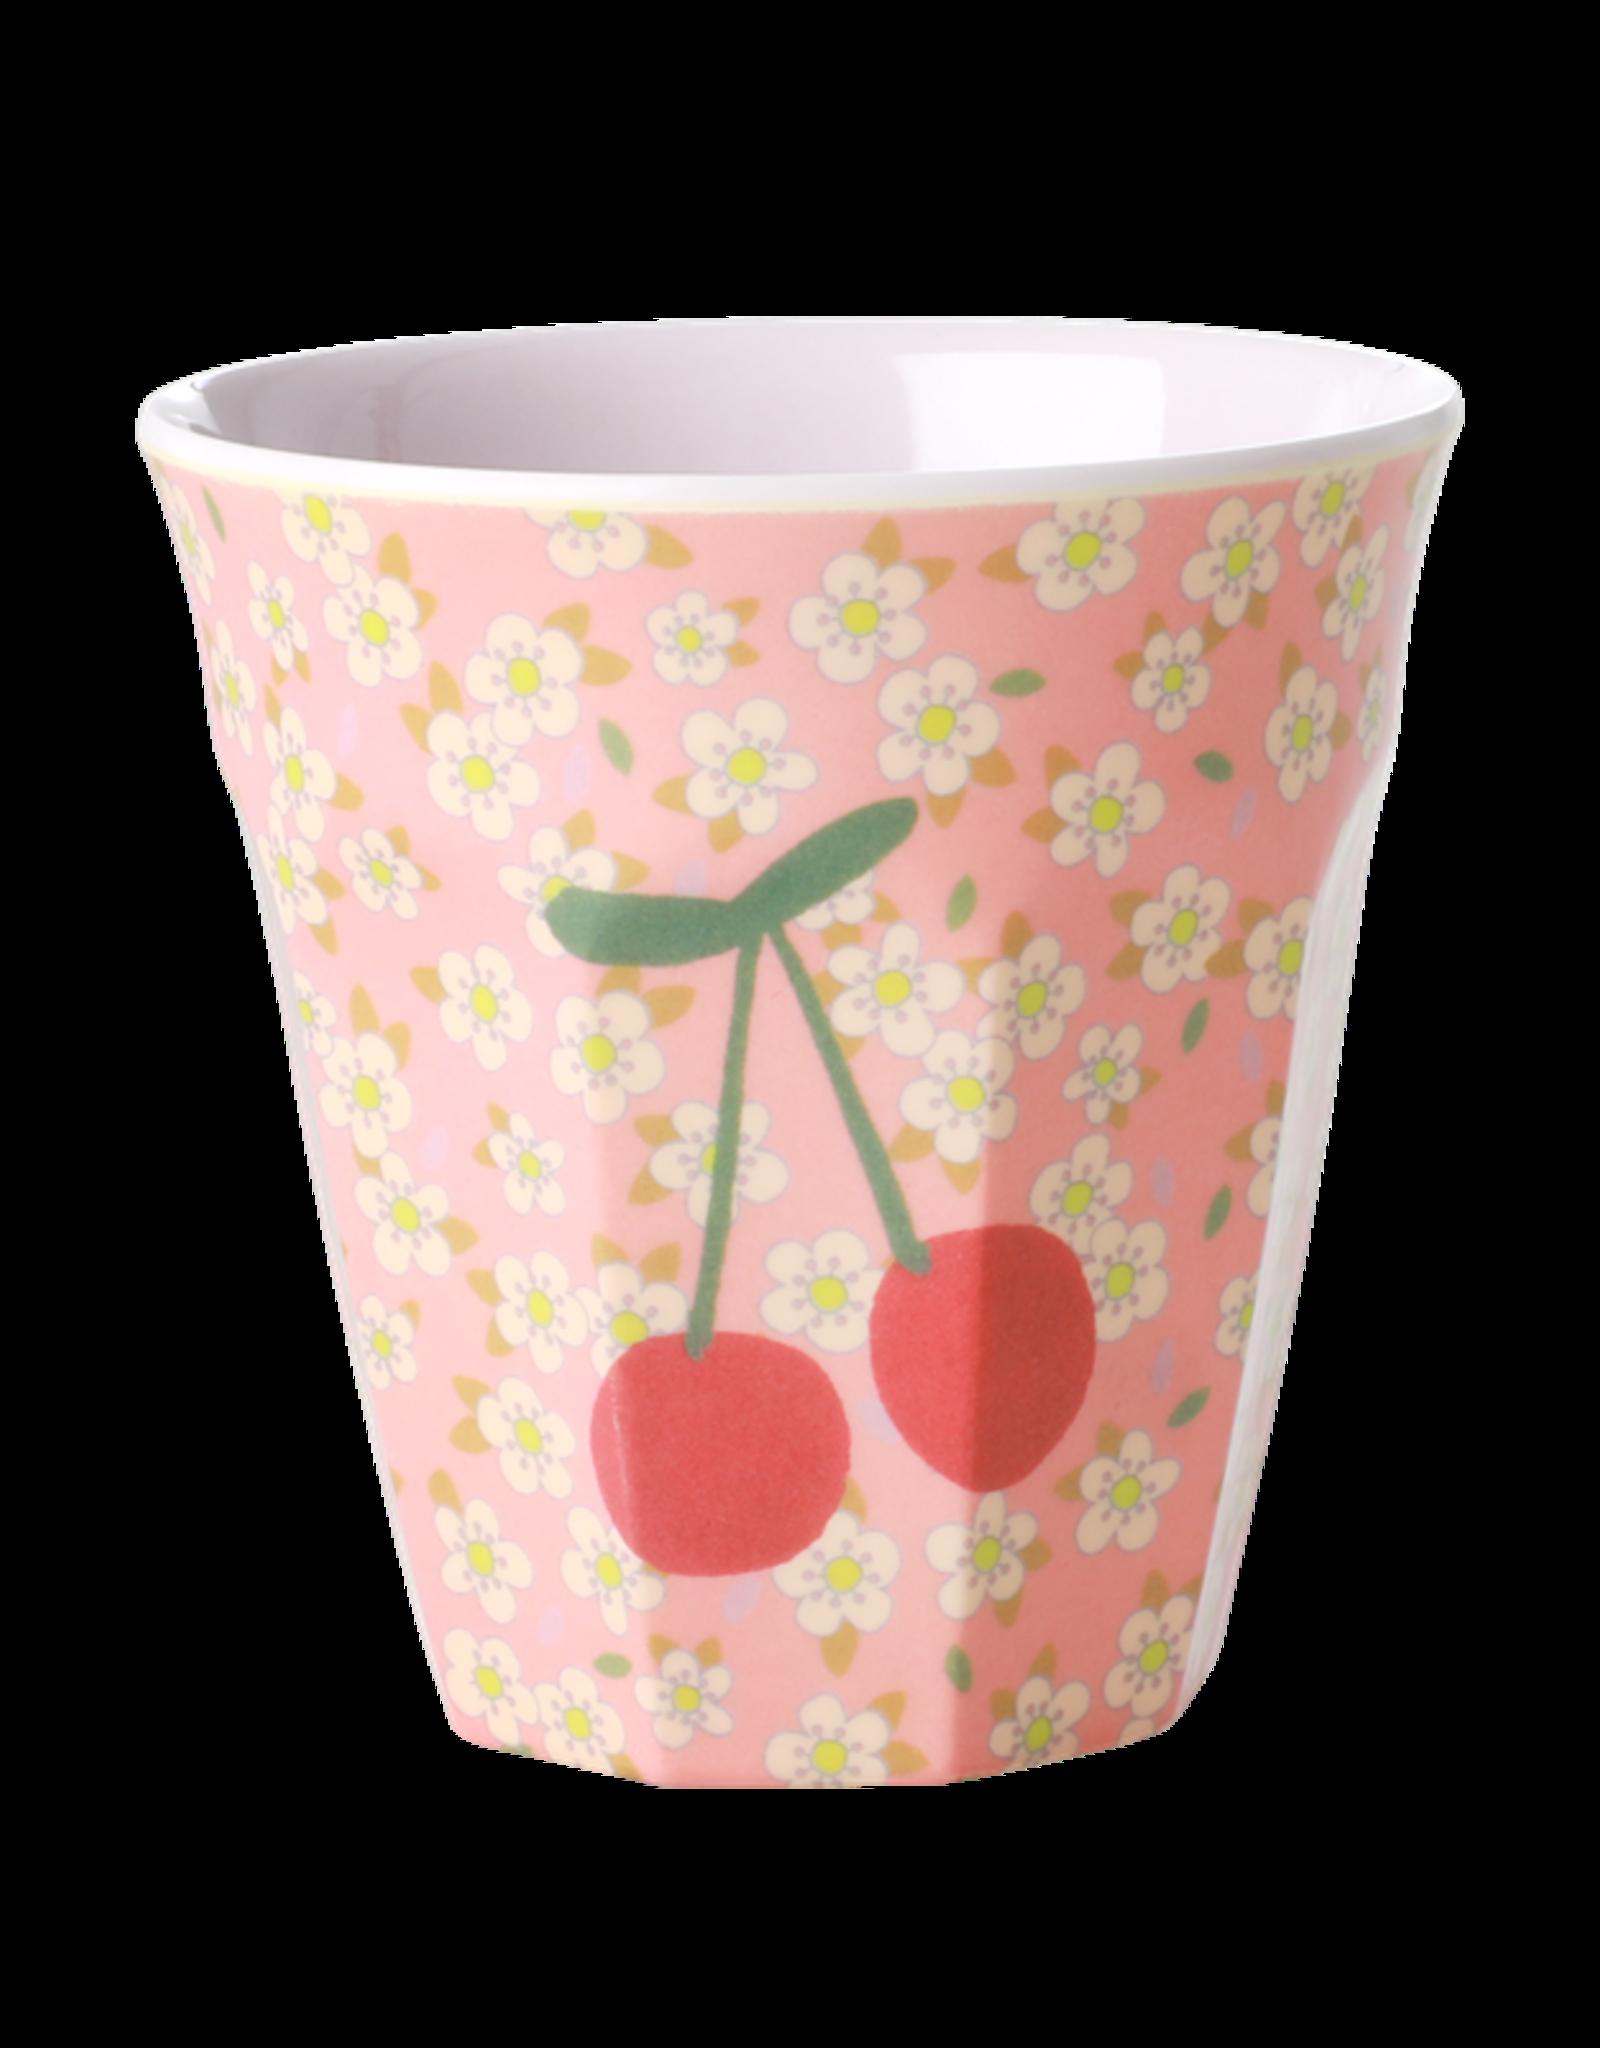 Rice Beker Melamine met kleine Bloemen en Kers print - Rice